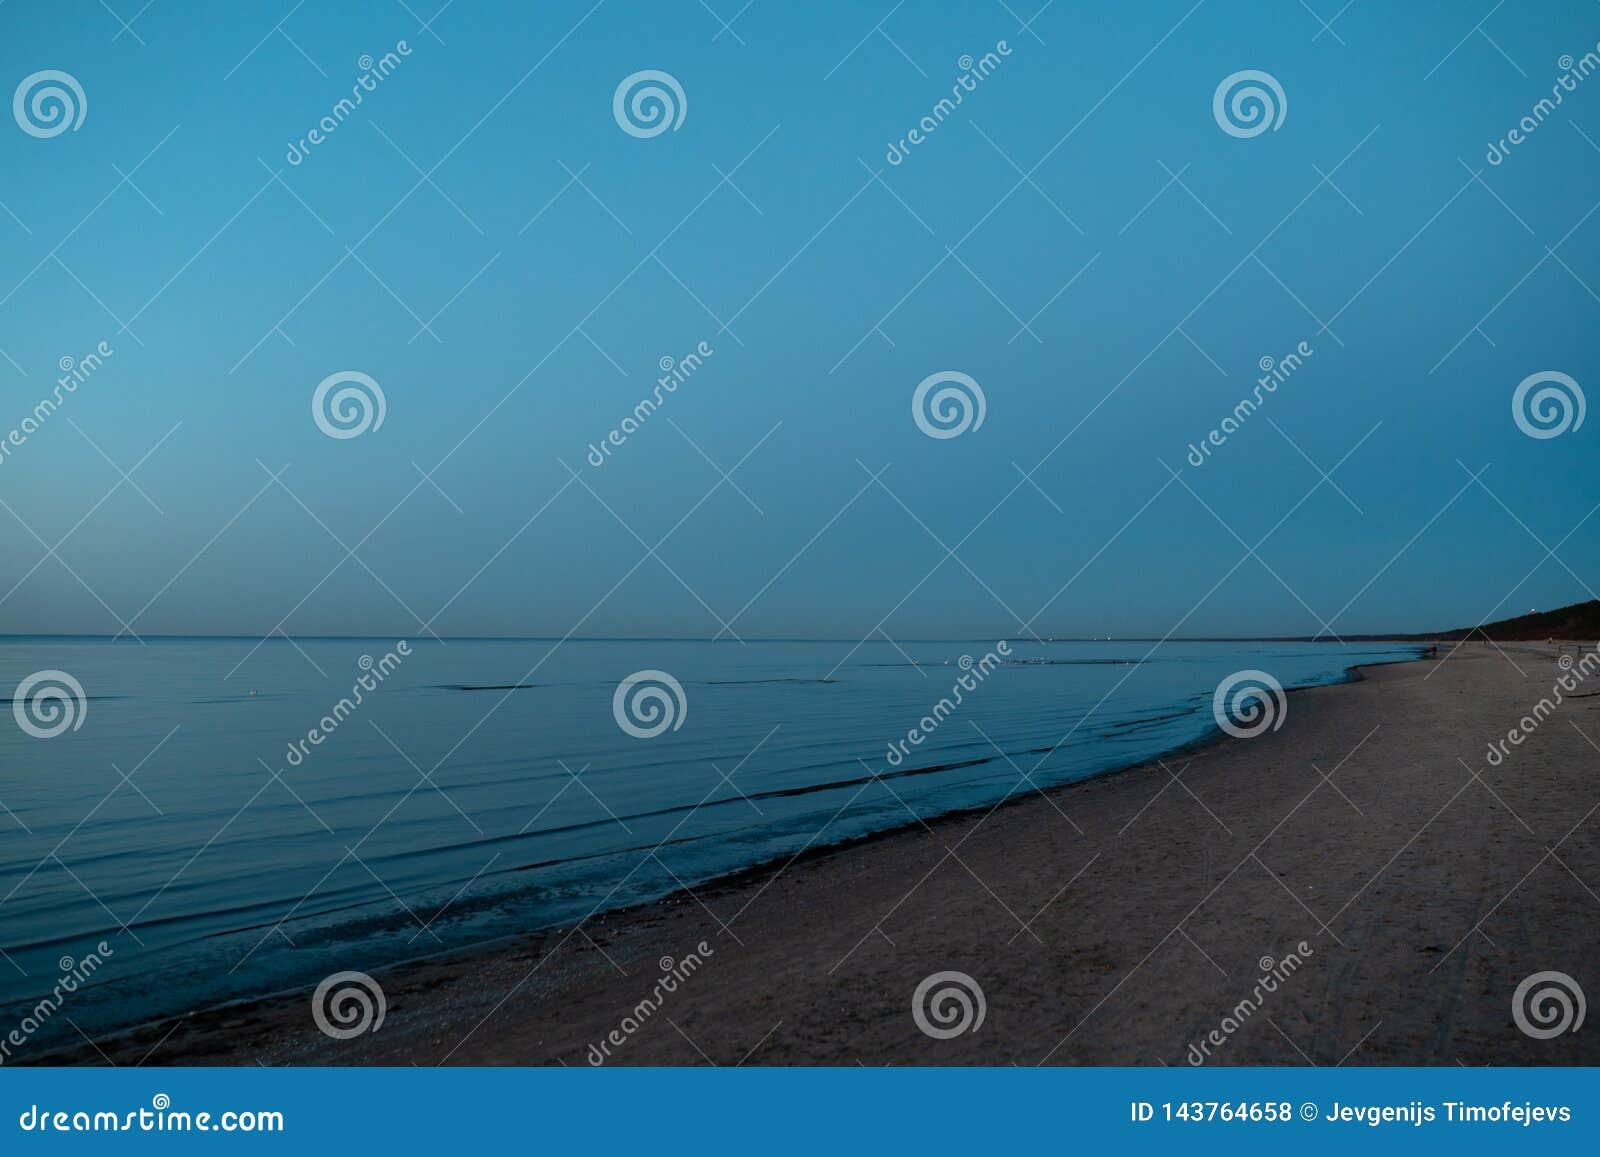 Levendige verbazende zonsondergang in Baltische Staten - de Schemer in het overzees met horizon verlicht door de zon